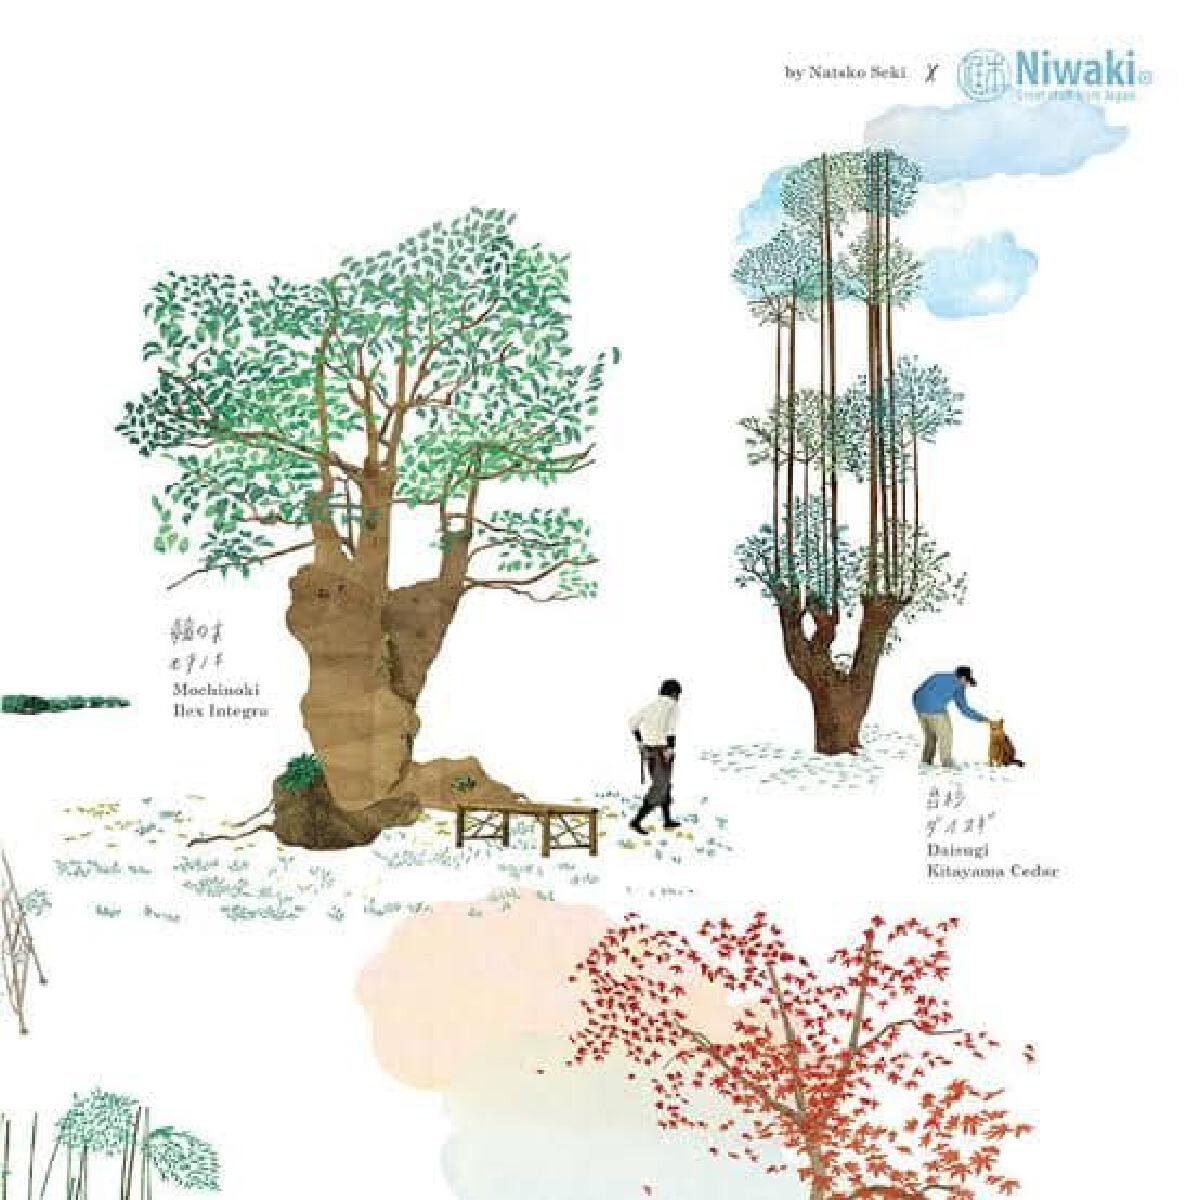 """ไดสุกิ (daisugi) """"เทคนิค""""ญี่ปุ่นตัดต้นไม้ ไม่ต้องโค่นแถมยังโตใหม่ได้อีก"""